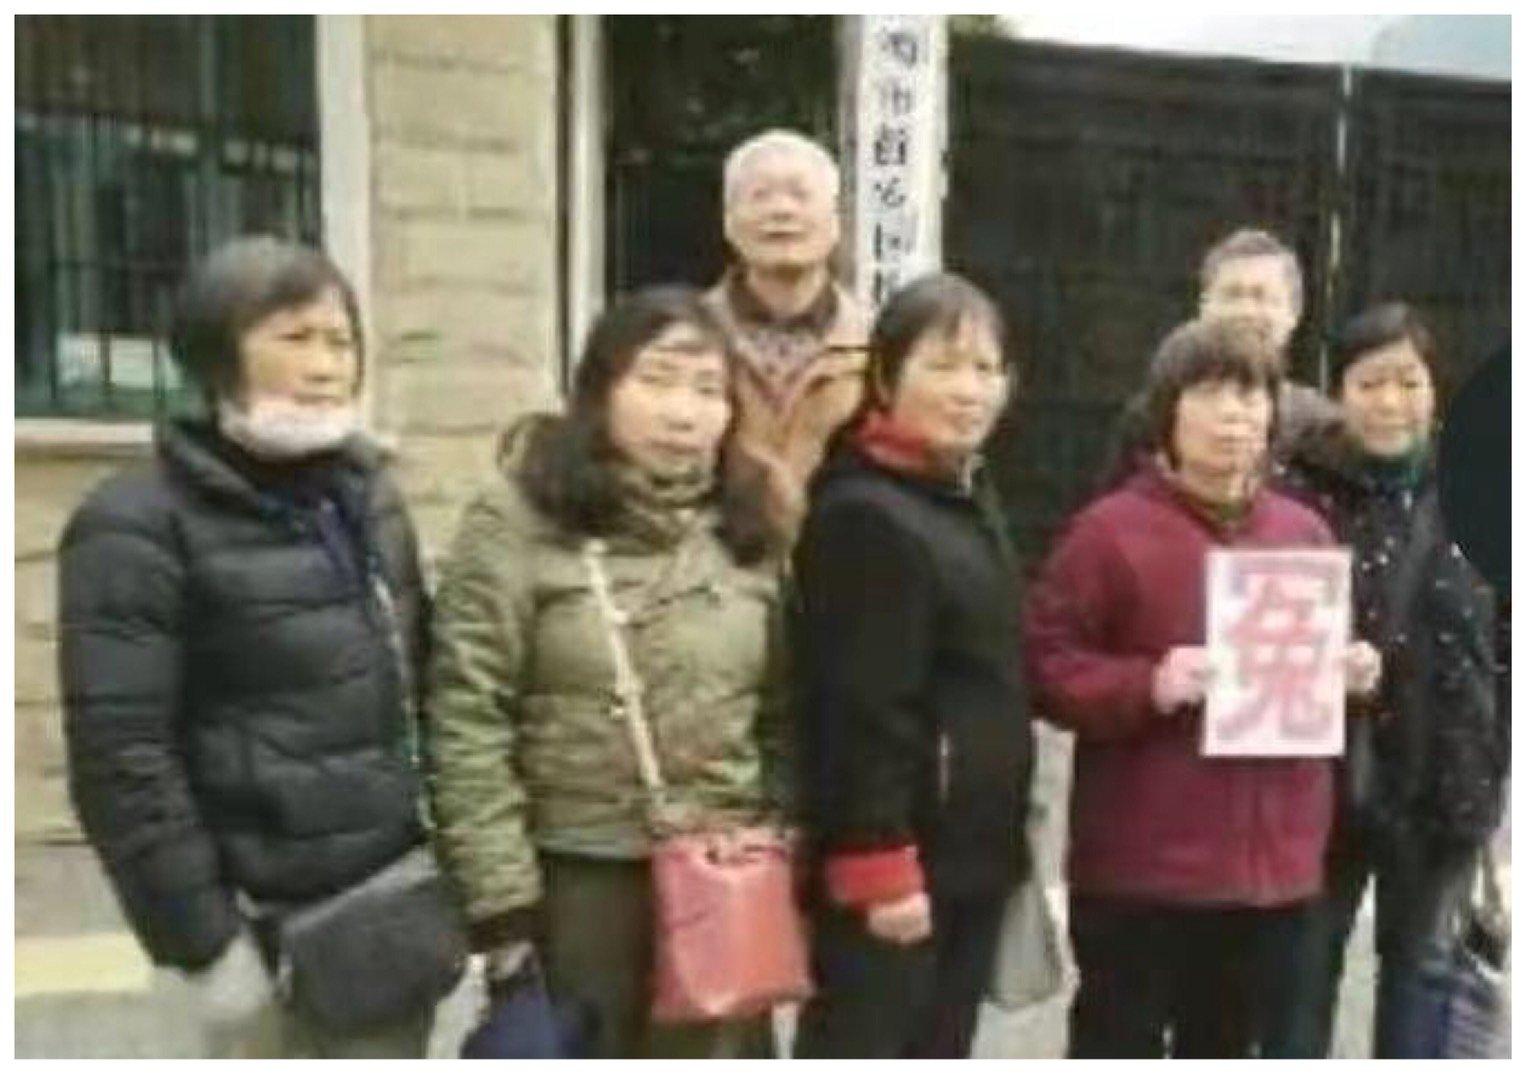 上海普陀區訪民周靜智(左一)兩會前被綁架關黑監獄迫害,曝曾被打毒針,回家後不久死亡。(受訪者提供)